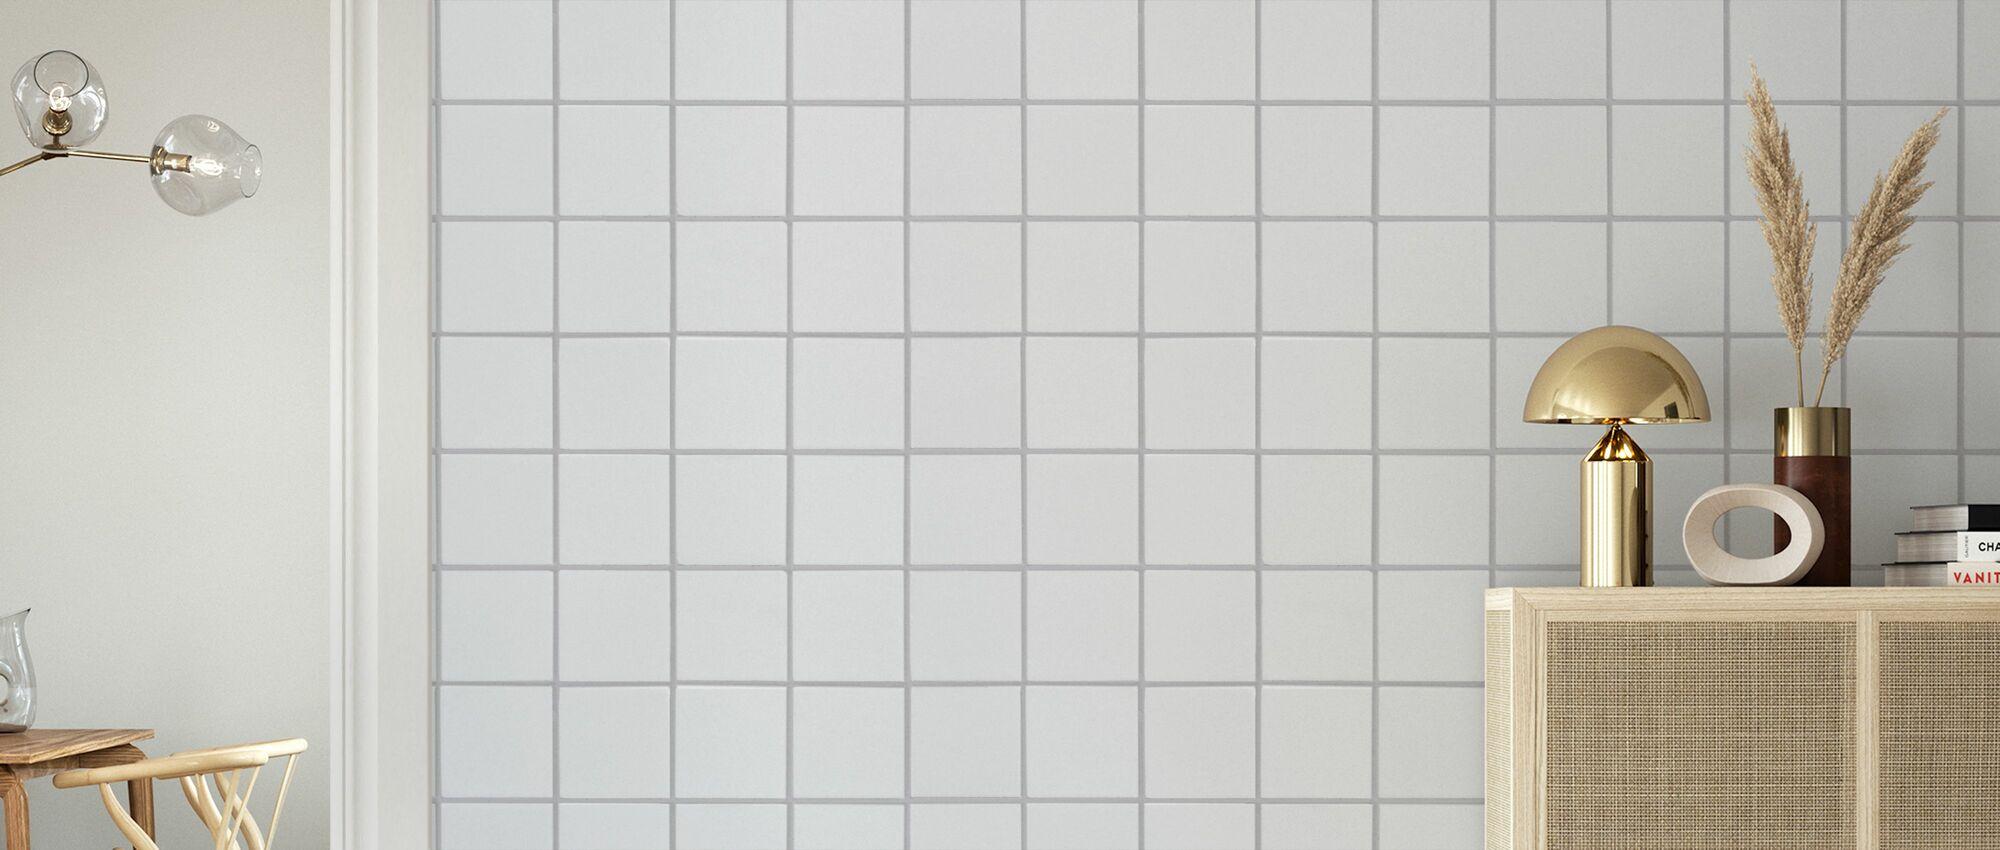 White Ceramic Tiles - Grey Seam 15*15 - Wallpaper - Living Room